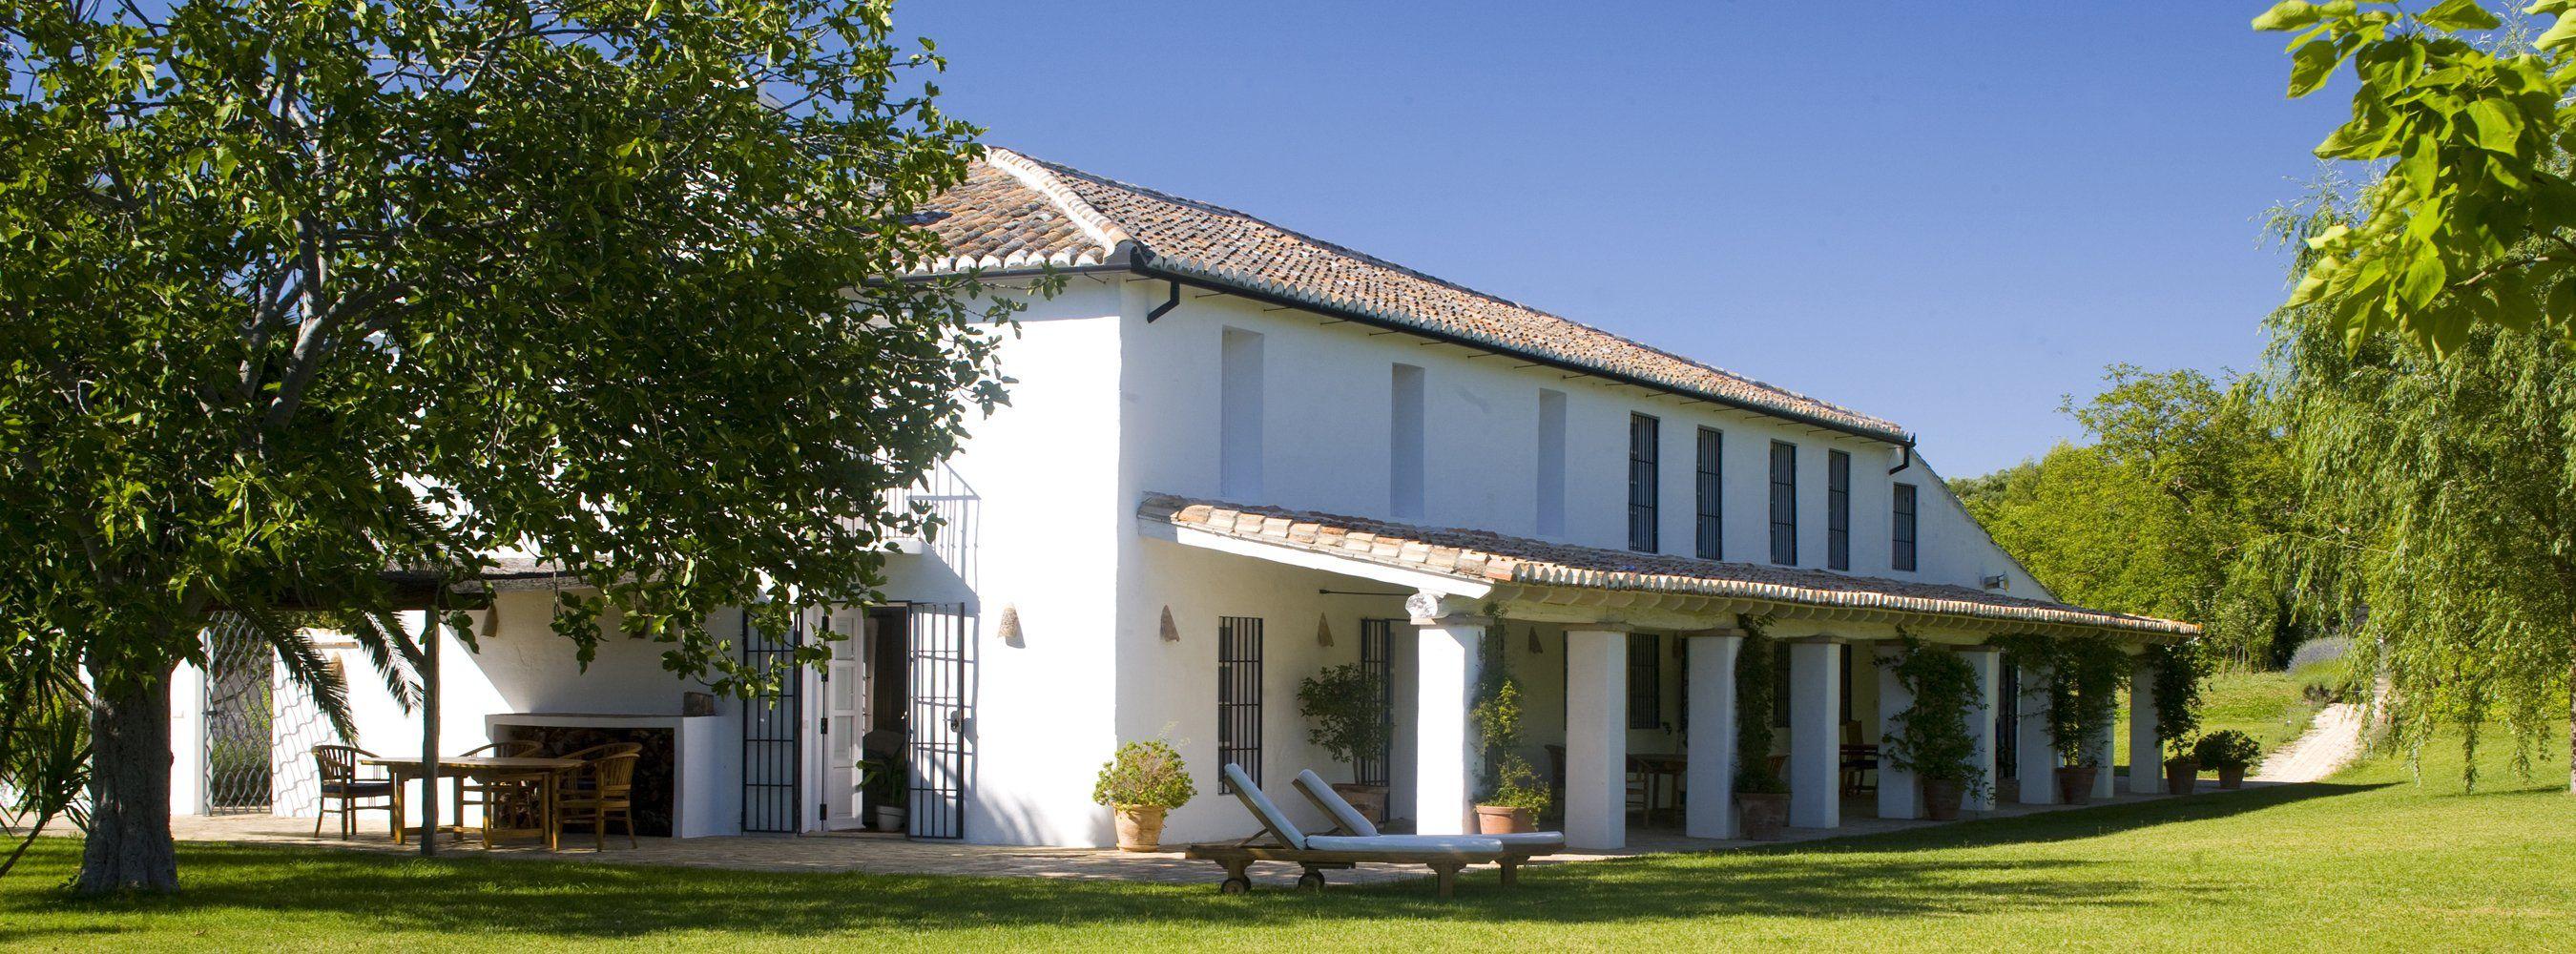 luxury villa rental  facade